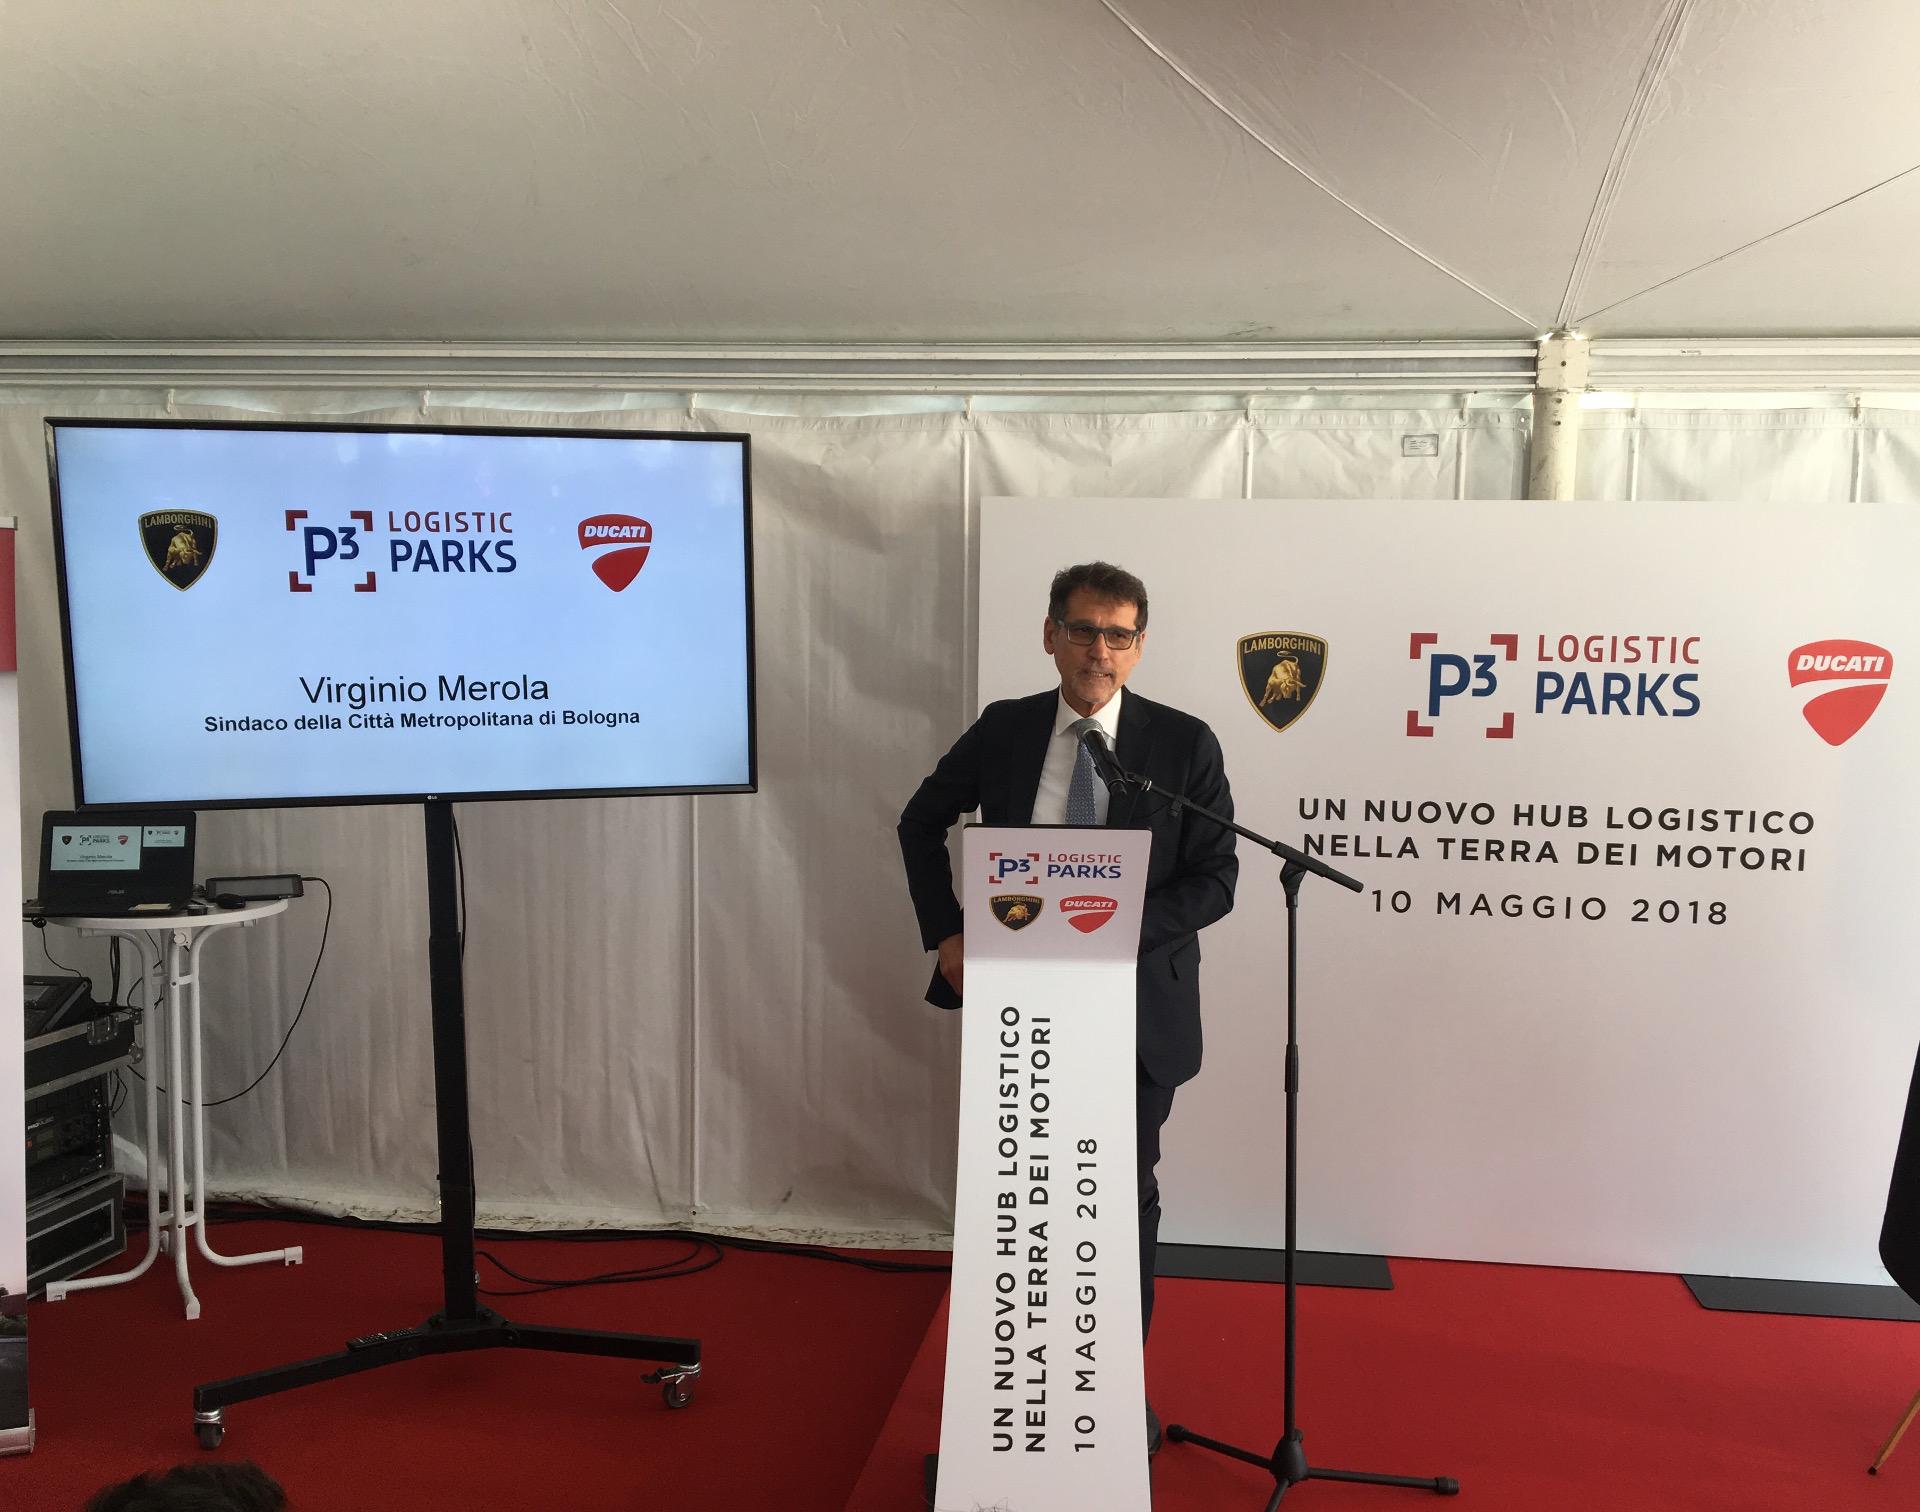 P3 Logistic Parks